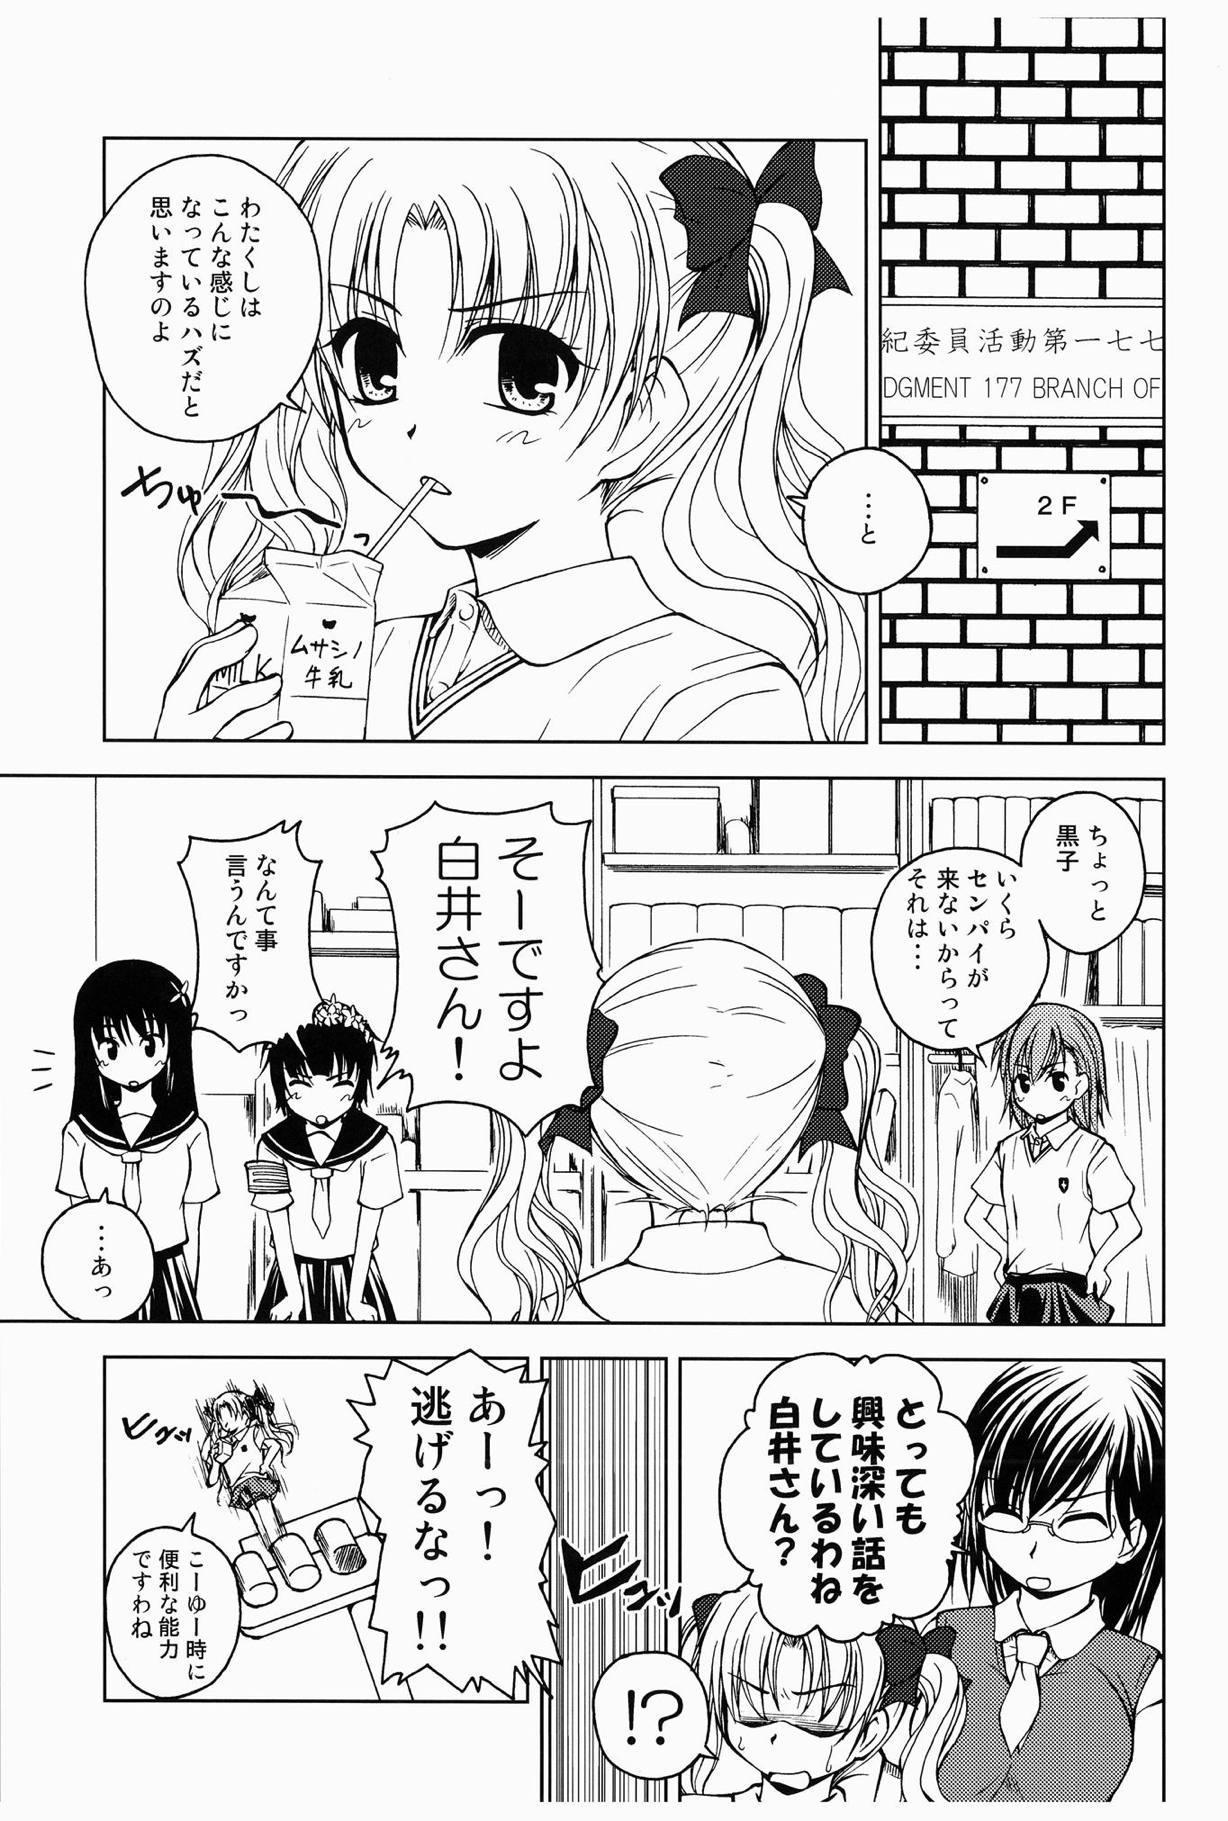 Touma to Misaka to Railgun 35